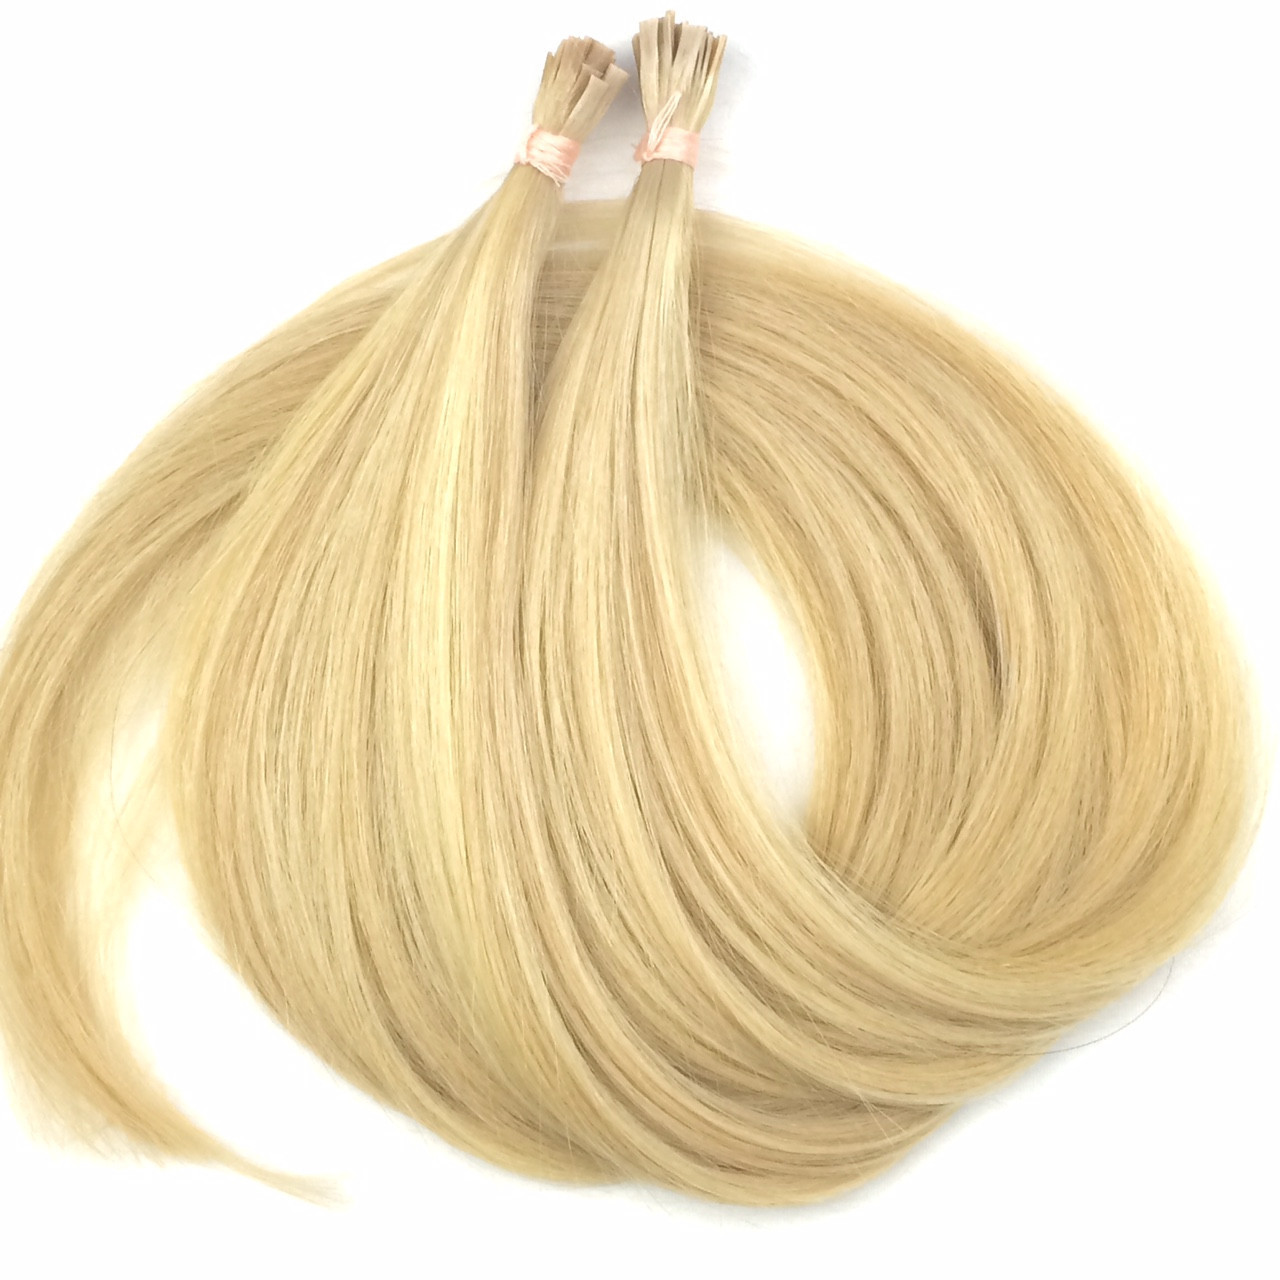 Славянские волосы на капсулах 80 см. Цвет #Блонд, фото 1